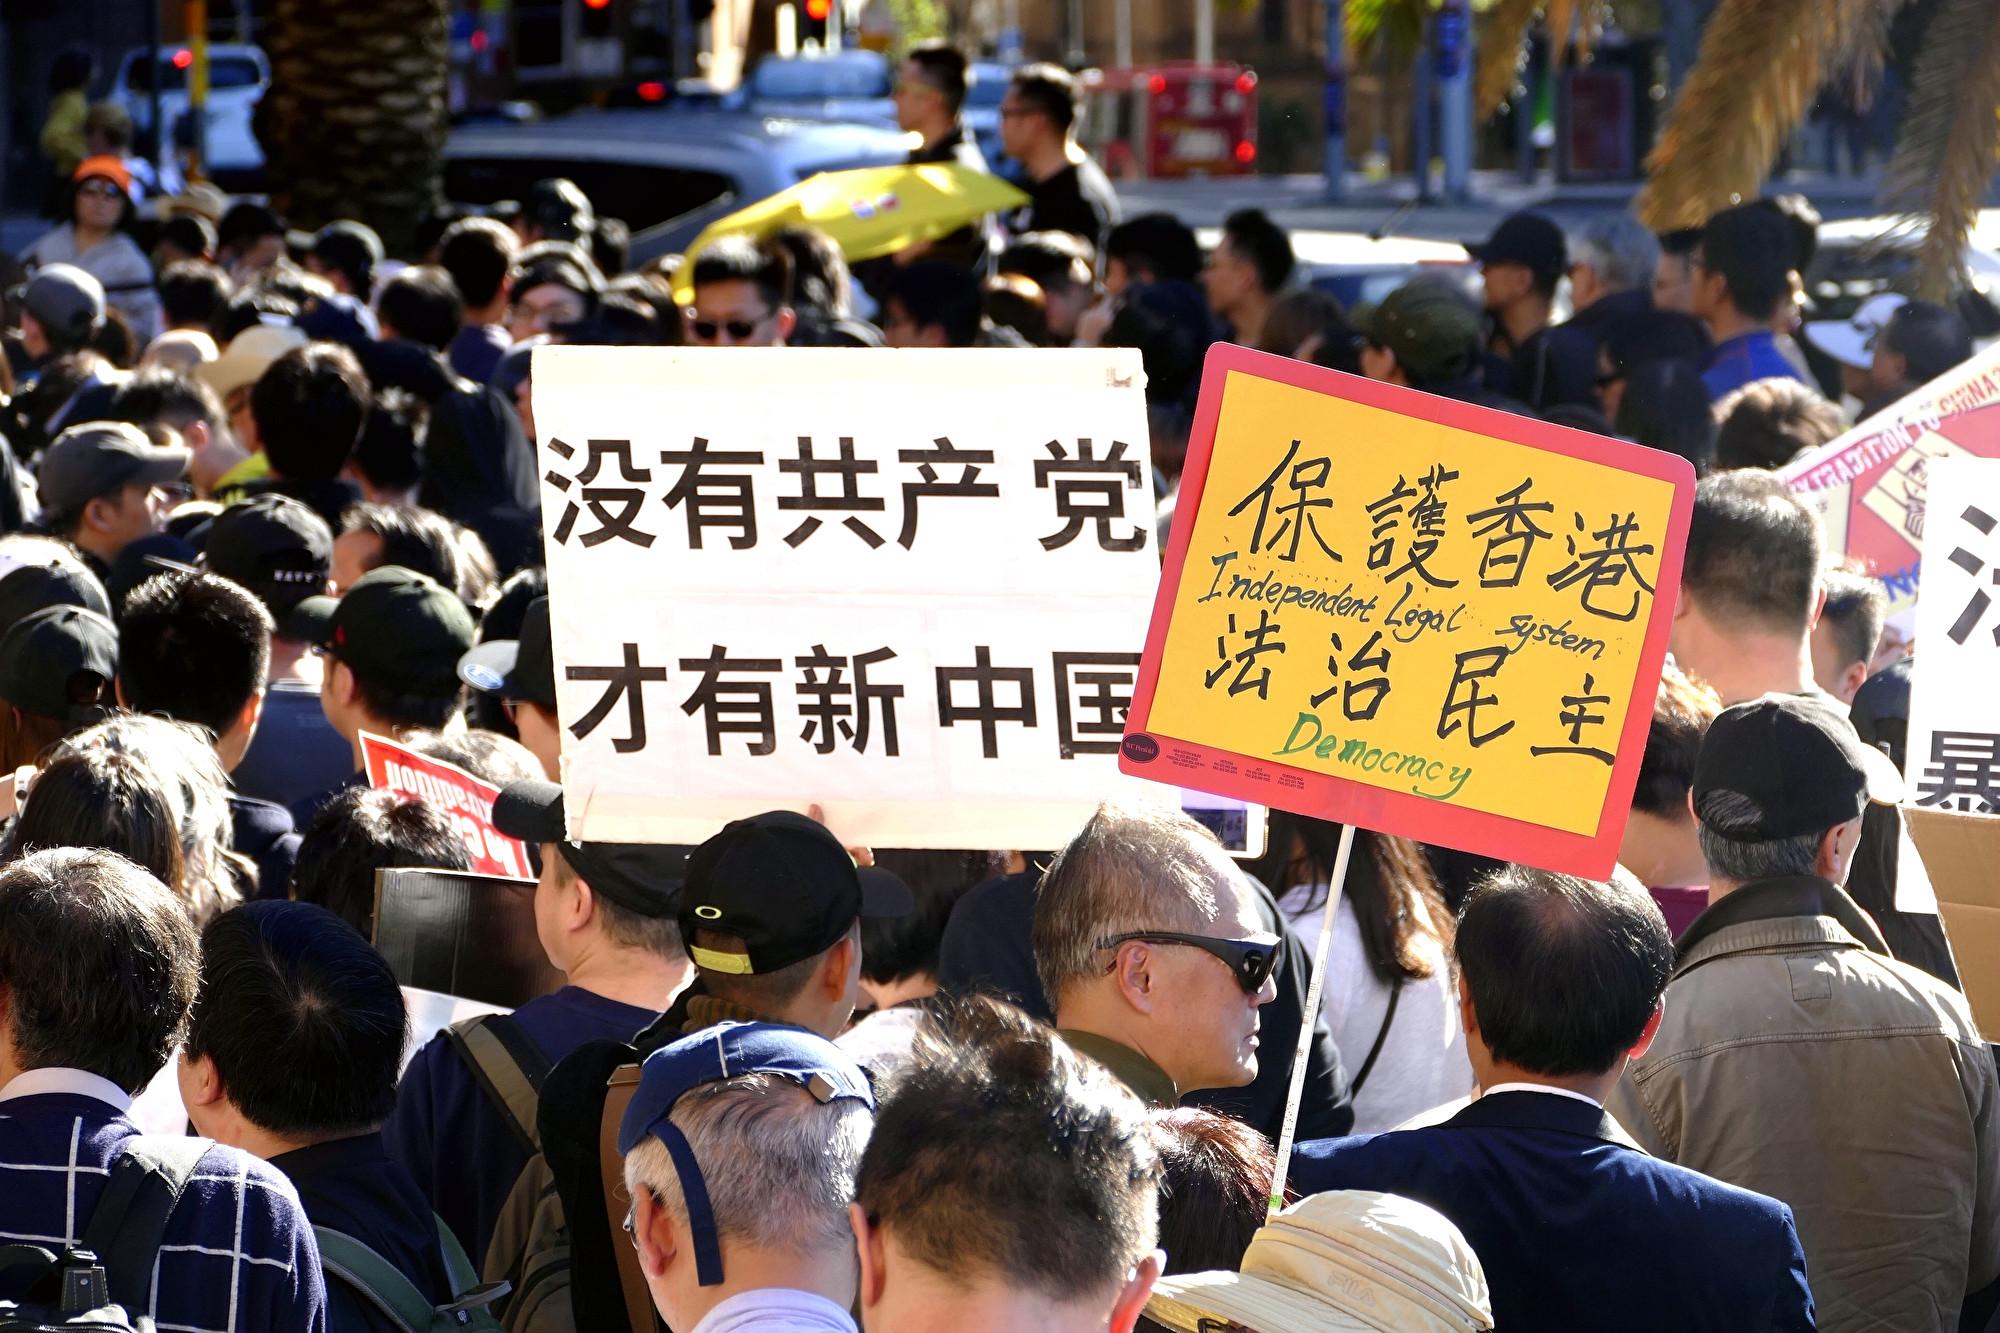 悉尼兩千多人遊行隊伍聲援香港反送中條例。(安平雅/大紀元)